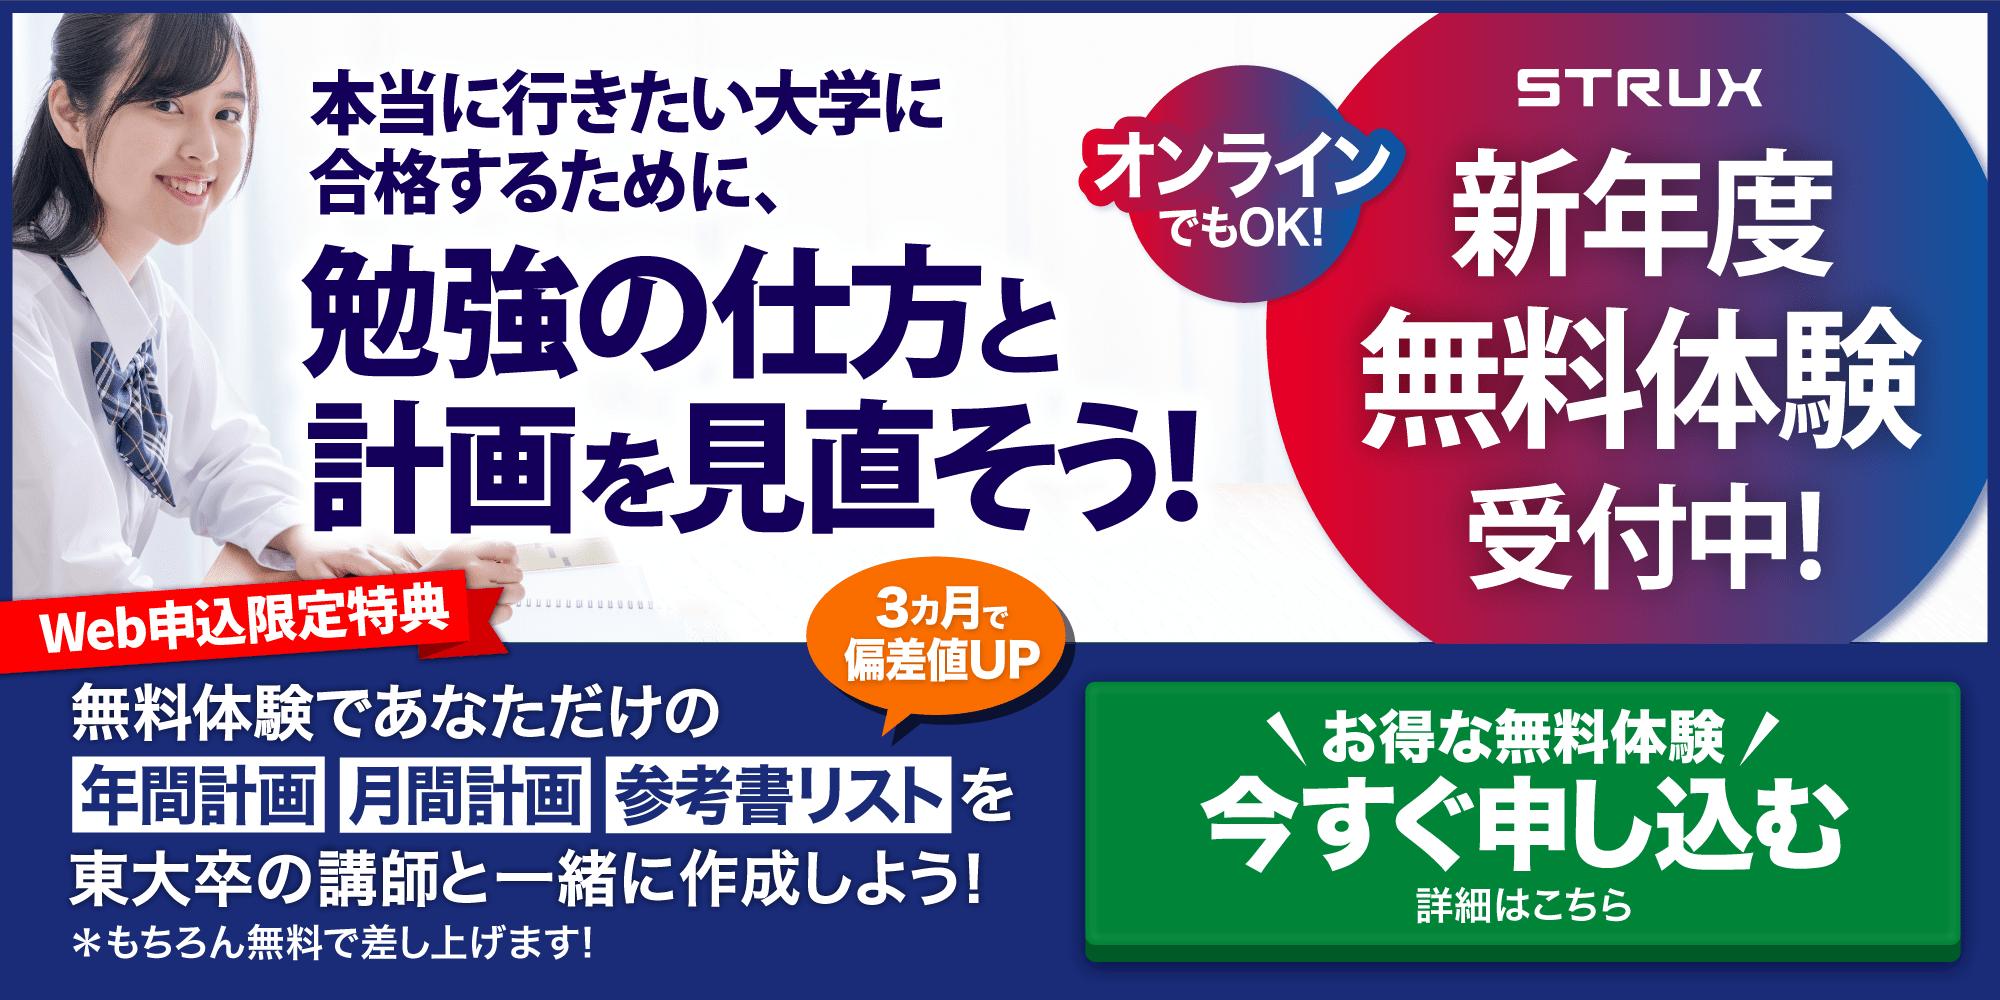 学習塾STRUX新年度無料体験受付中!